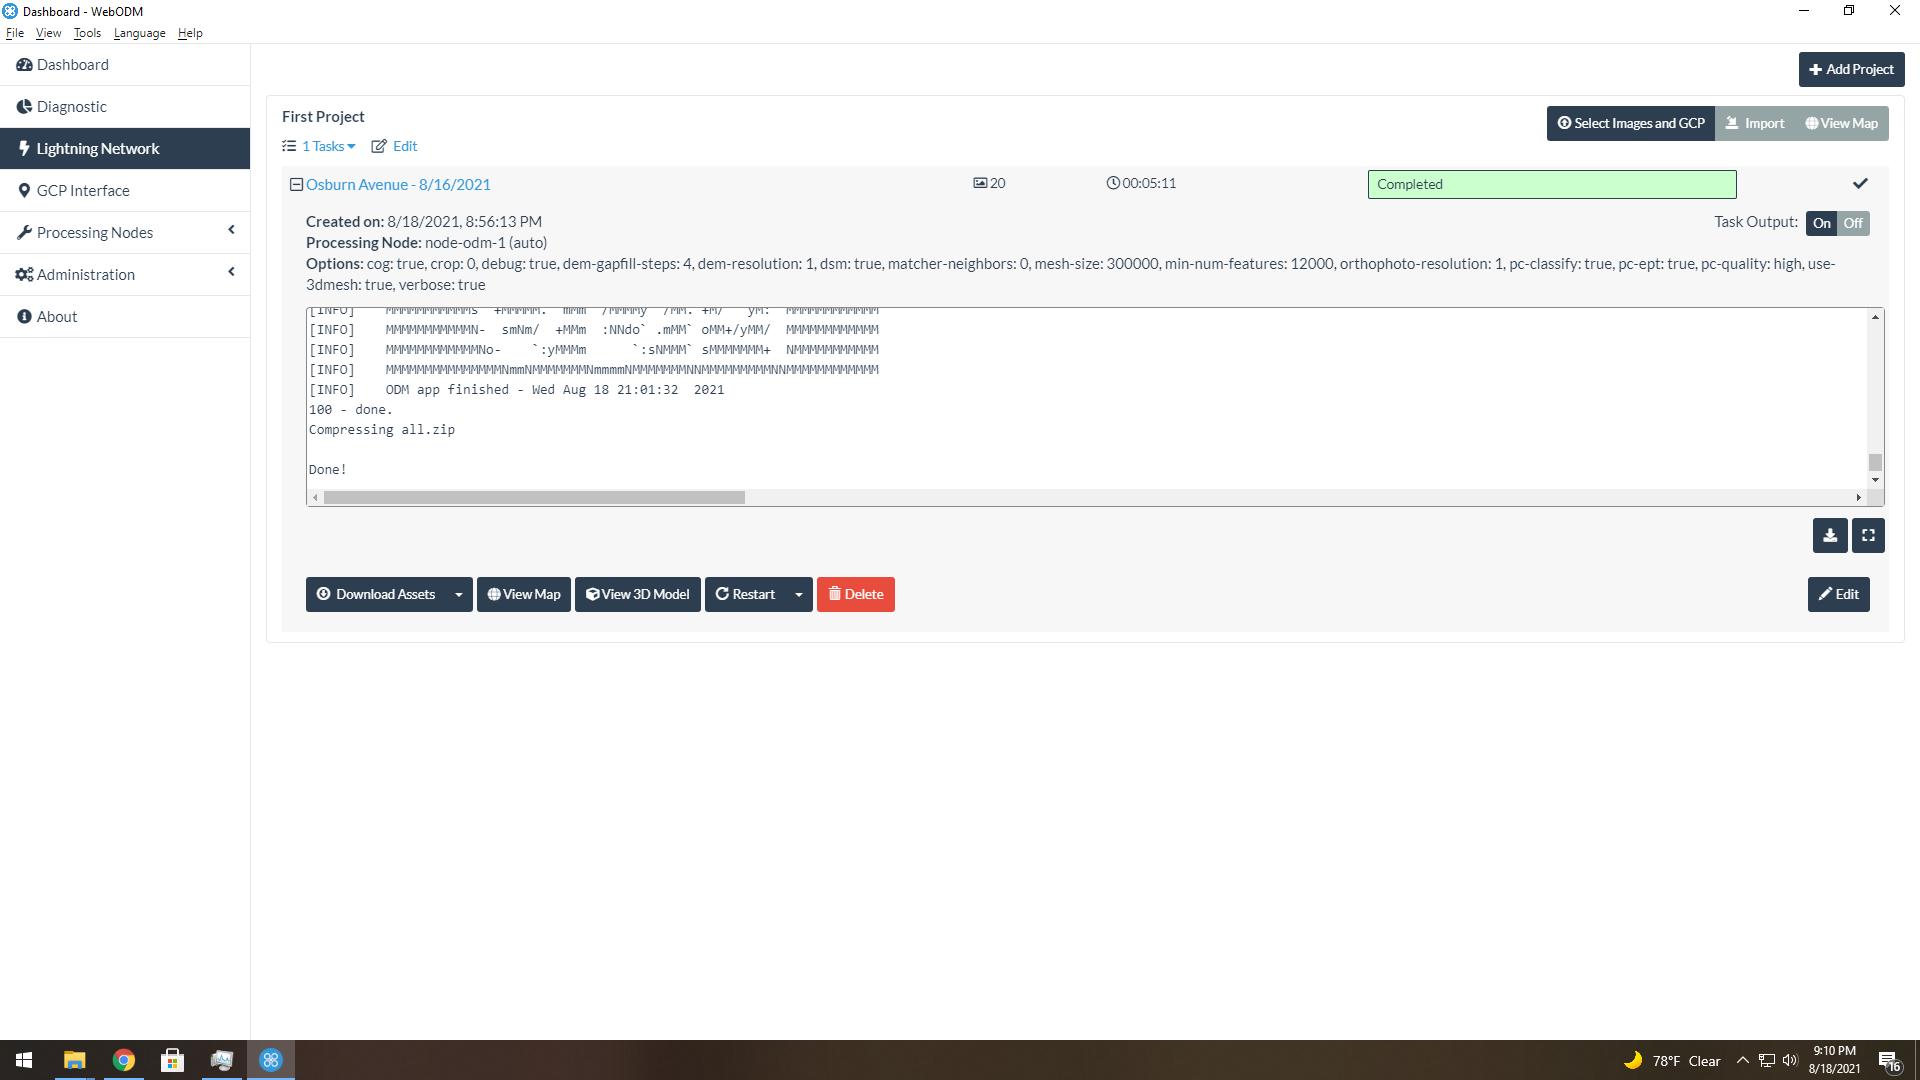 WebODM Screen Snip